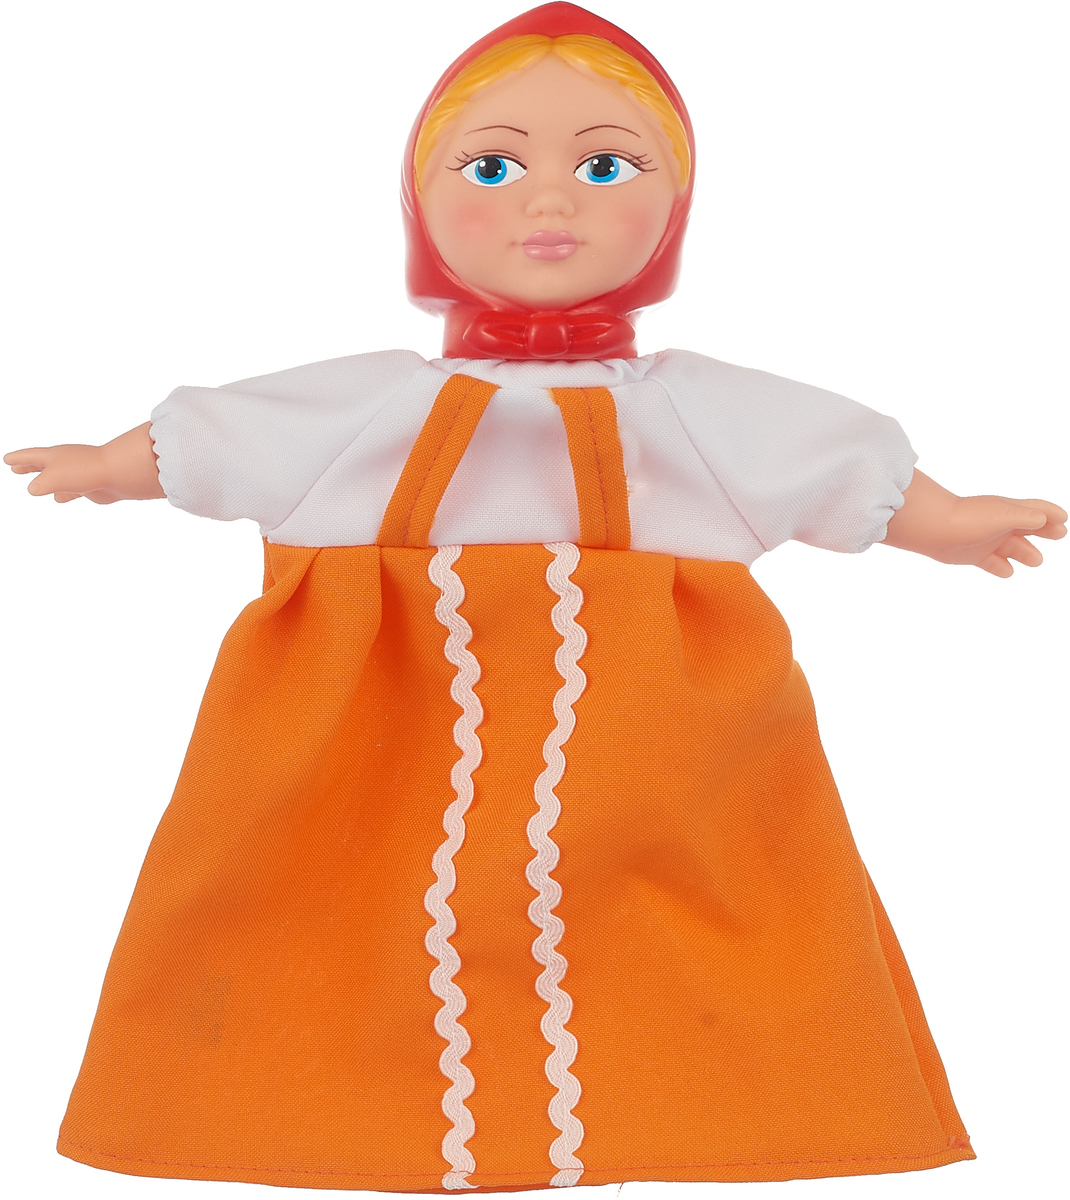 Sima-land Мягкая игрушка на руку Аленушка цвет платья оранжевый sima land антистрессовая игрушка заяц хрустик 05 цвет красный